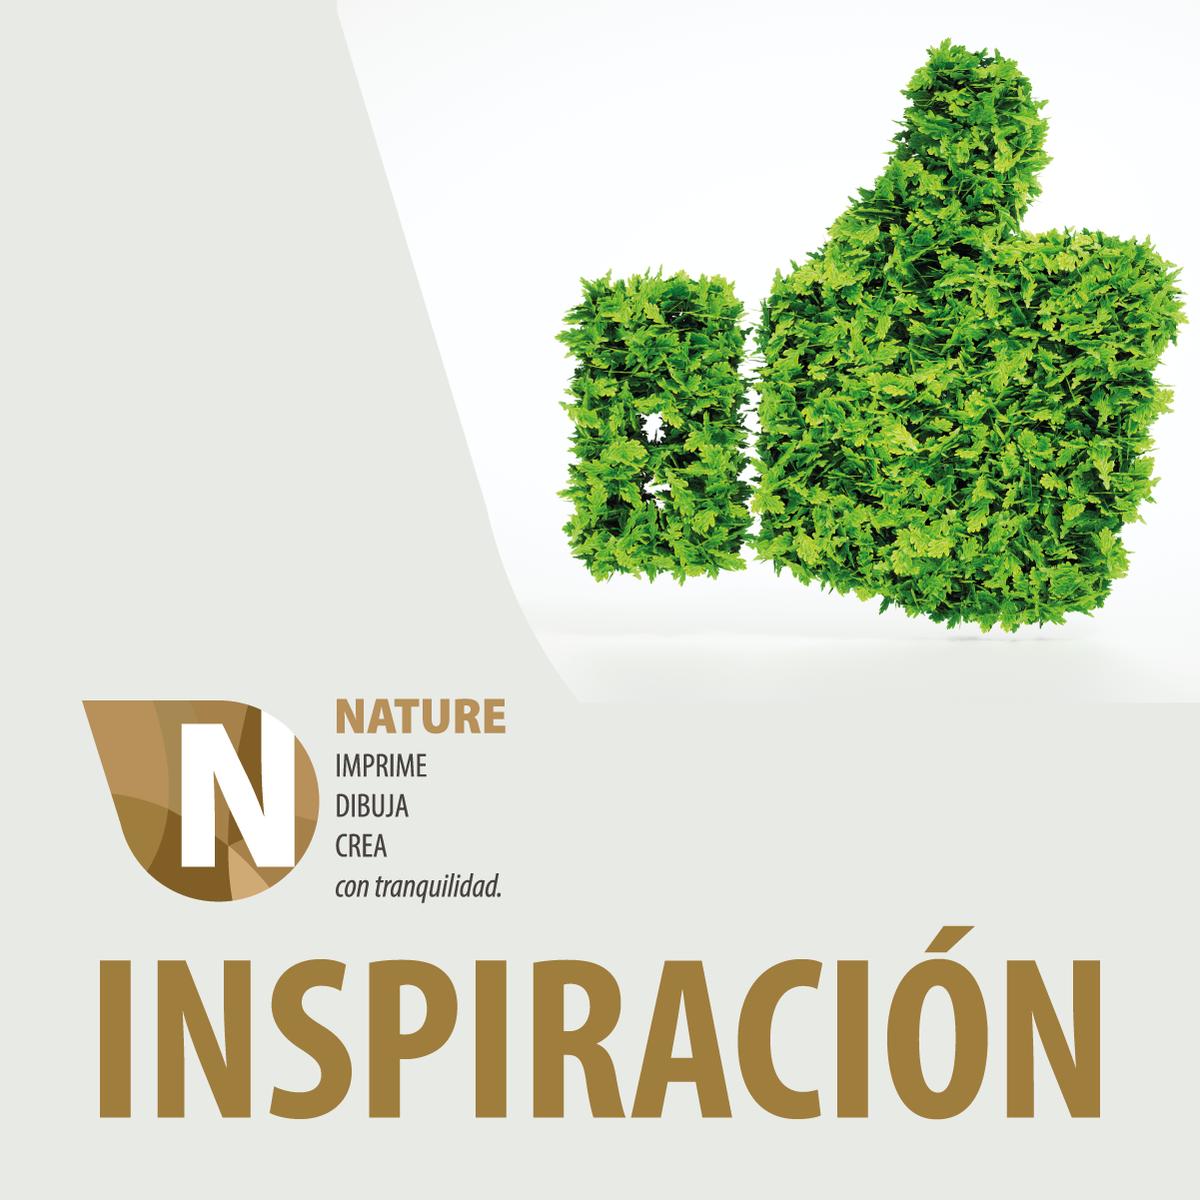 La naturaleza que nos rodea es fuente de nuestra inspiración. Contémplala y cuida de ella, es nuestra responsabilidad. #PEFC #Sustentabilidad #Biodegradable #Nature #CambiemosElMundo #Soñemospic.twitter.com/Sd1Pp9OzRc